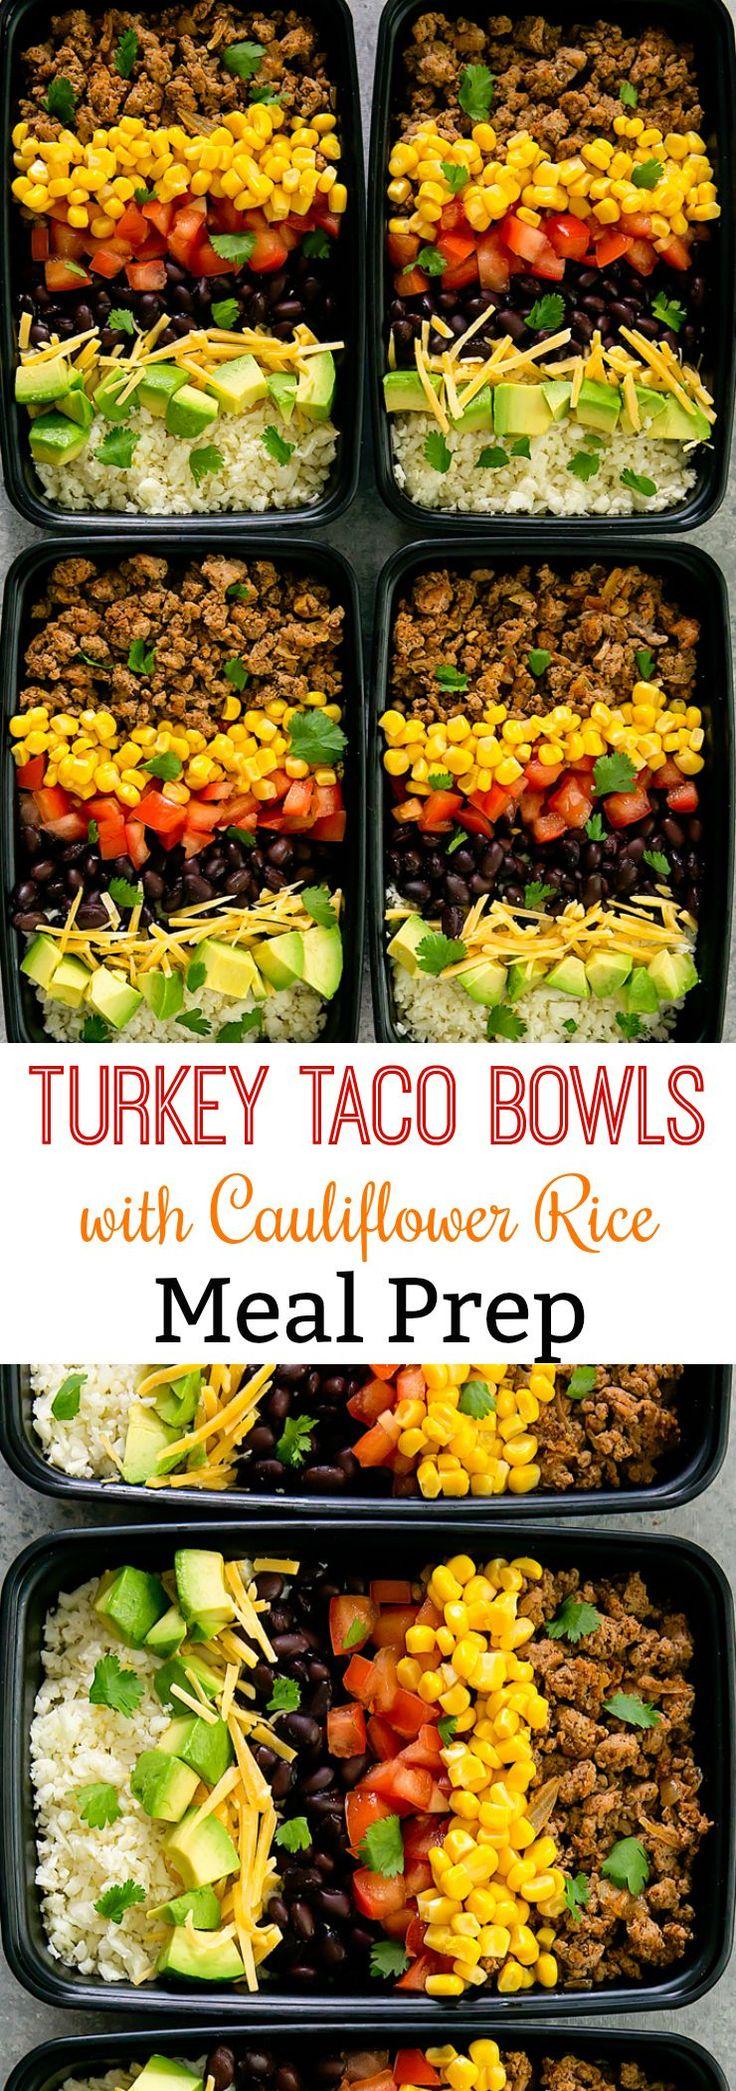 Skinny Turkey Taco Bowls with Cauliflower Rice Meal Prep